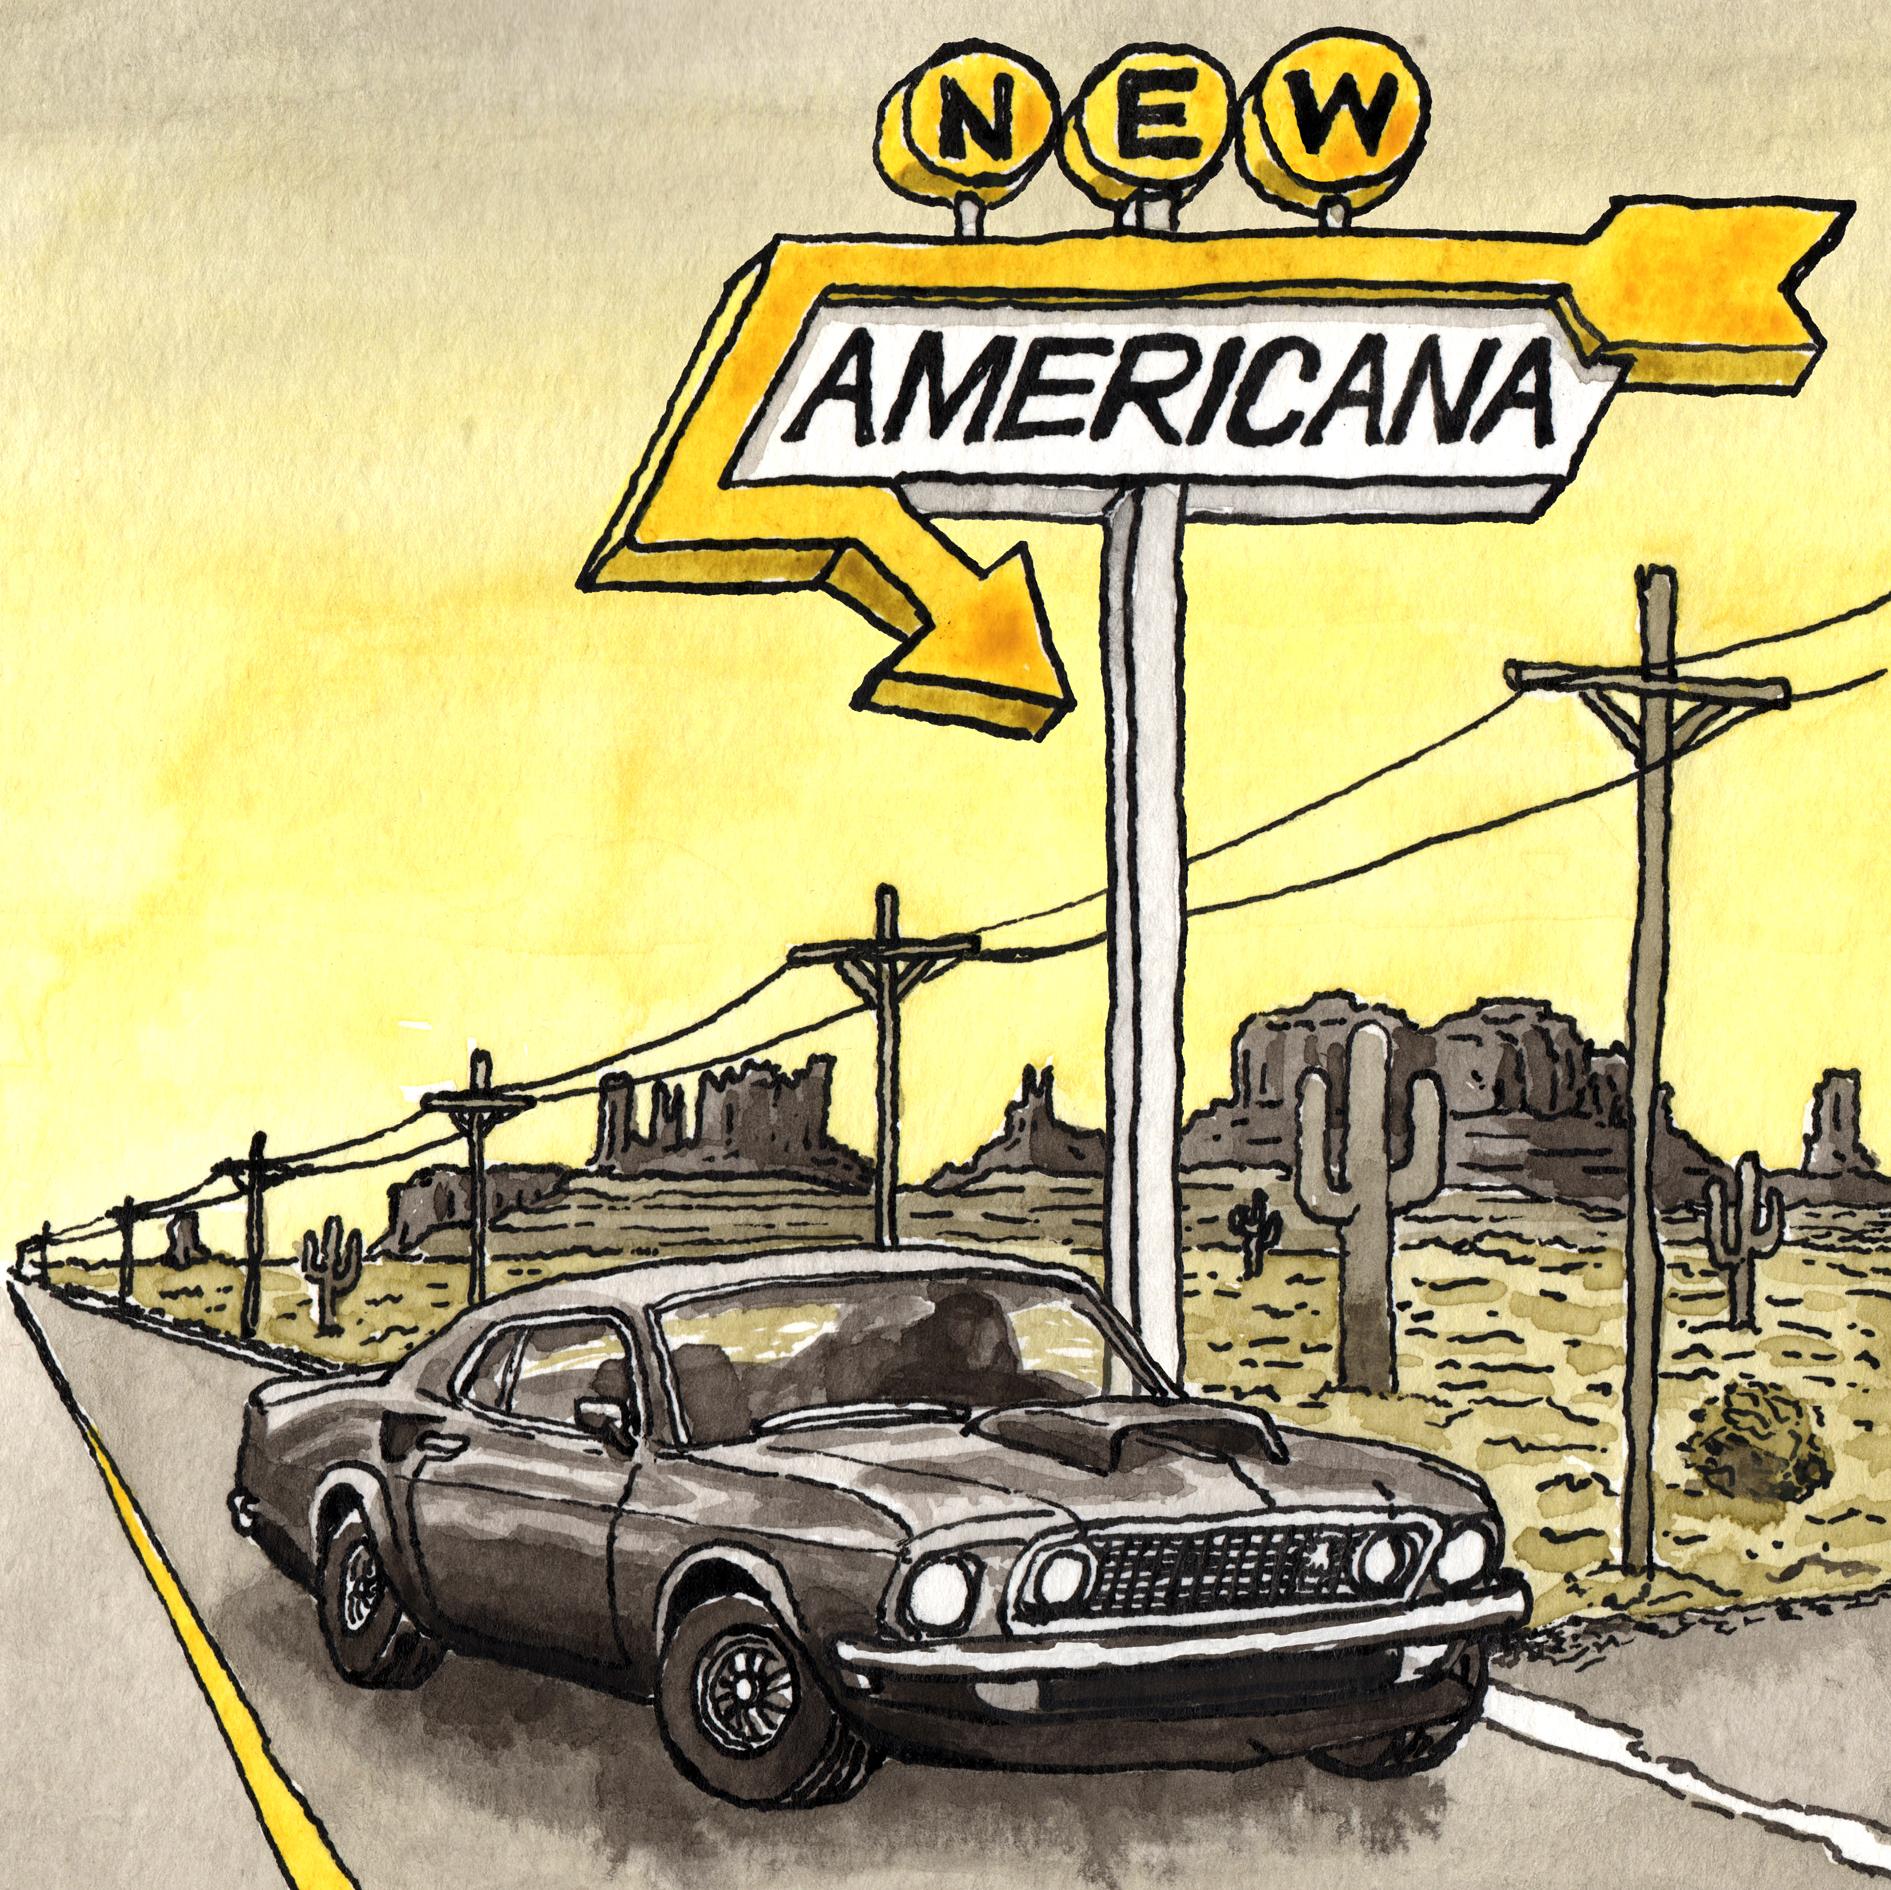 NewAmericana.jpg